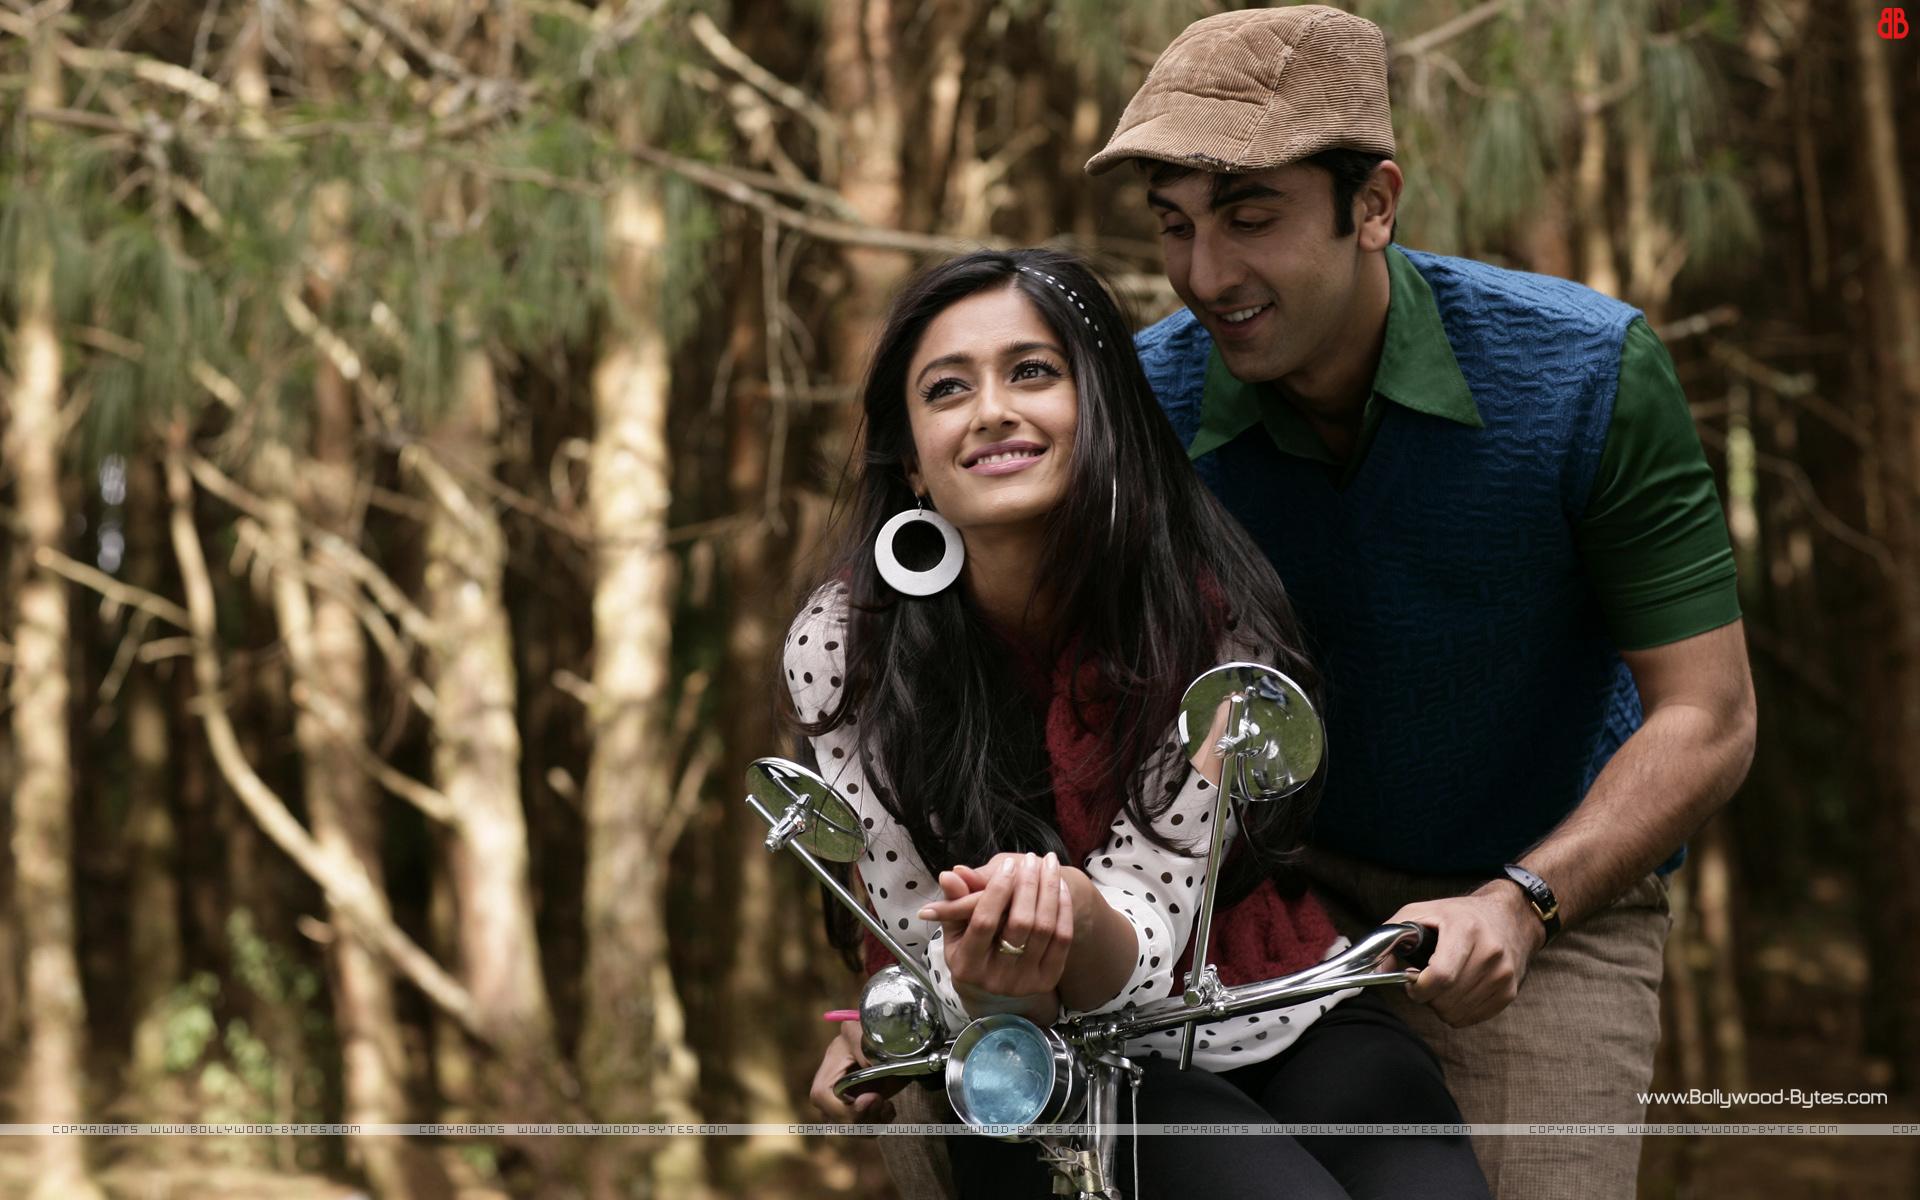 http://1.bp.blogspot.com/-An-VkBxAXCU/UFDsW4U_Y1I/AAAAAAAAO8Q/svw_PxOMJEI/s1920/Barfi!-%2BStarring-a-Ranbir-Kapoor-Ileana-D\'Cruz-HD-Wallpaper-02.jpg